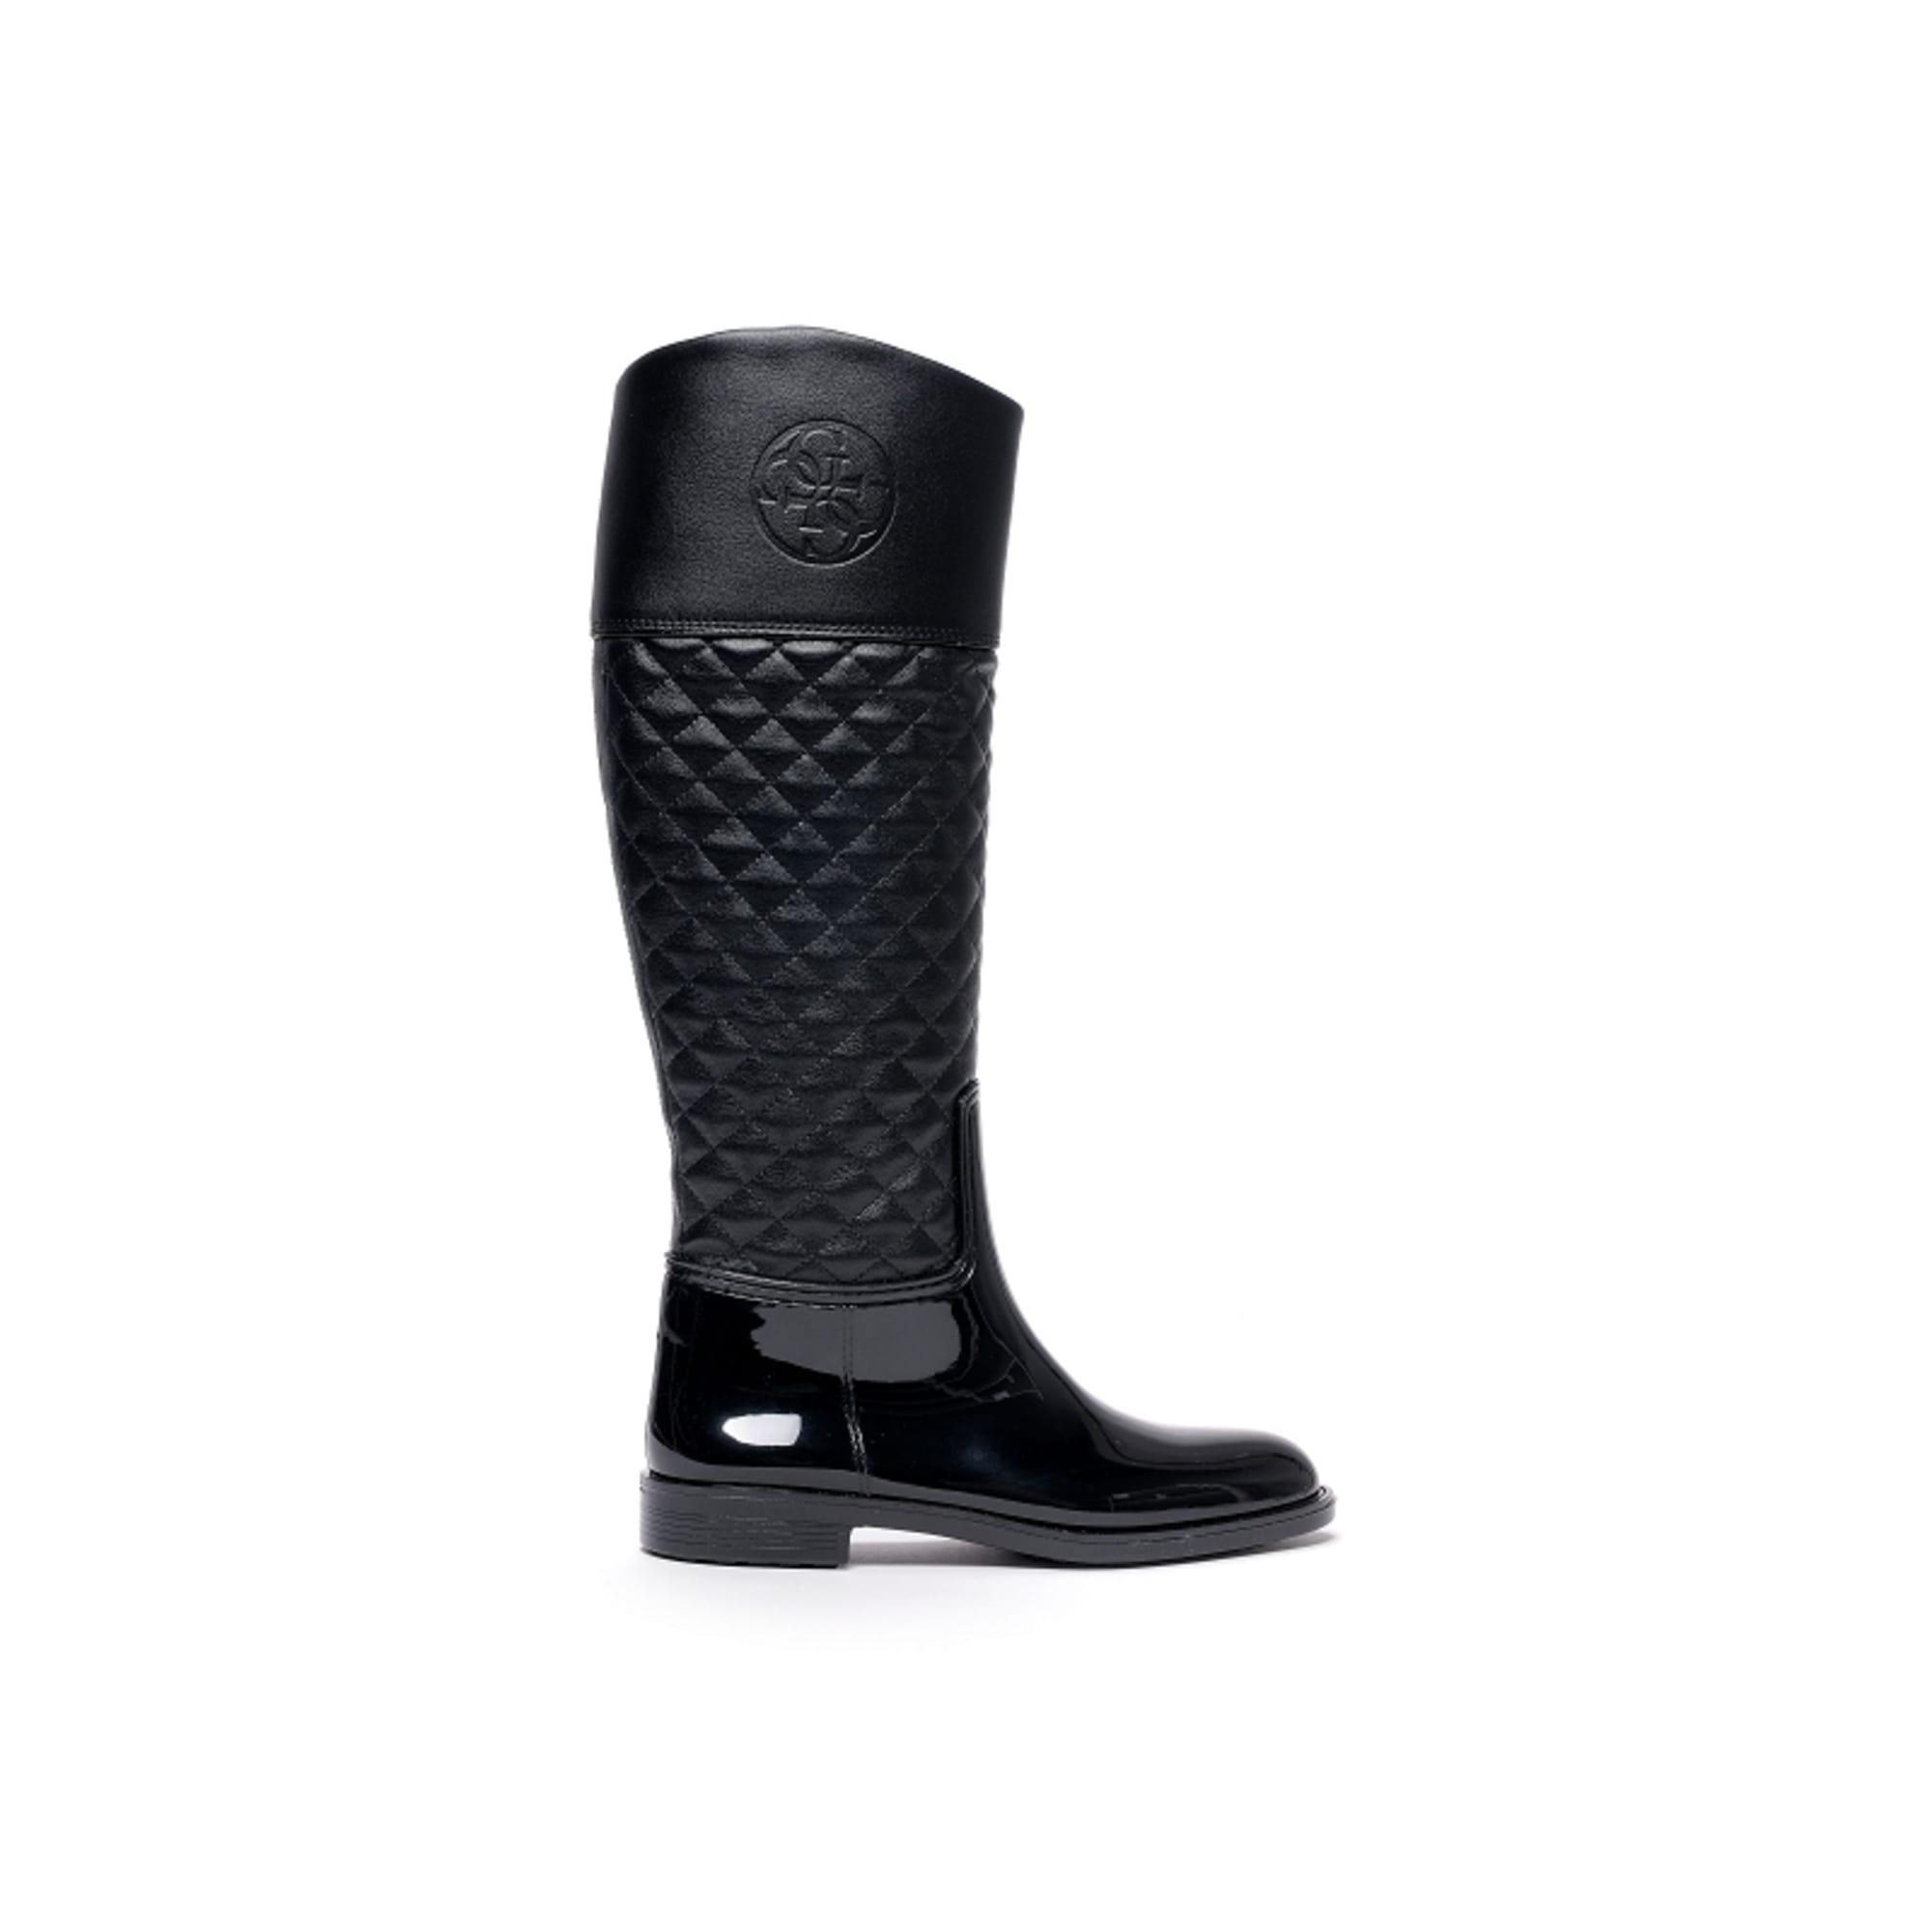 Bottes de pluie GUESS 39 noir vendu par Sublime - 7301855 f492b64f112c